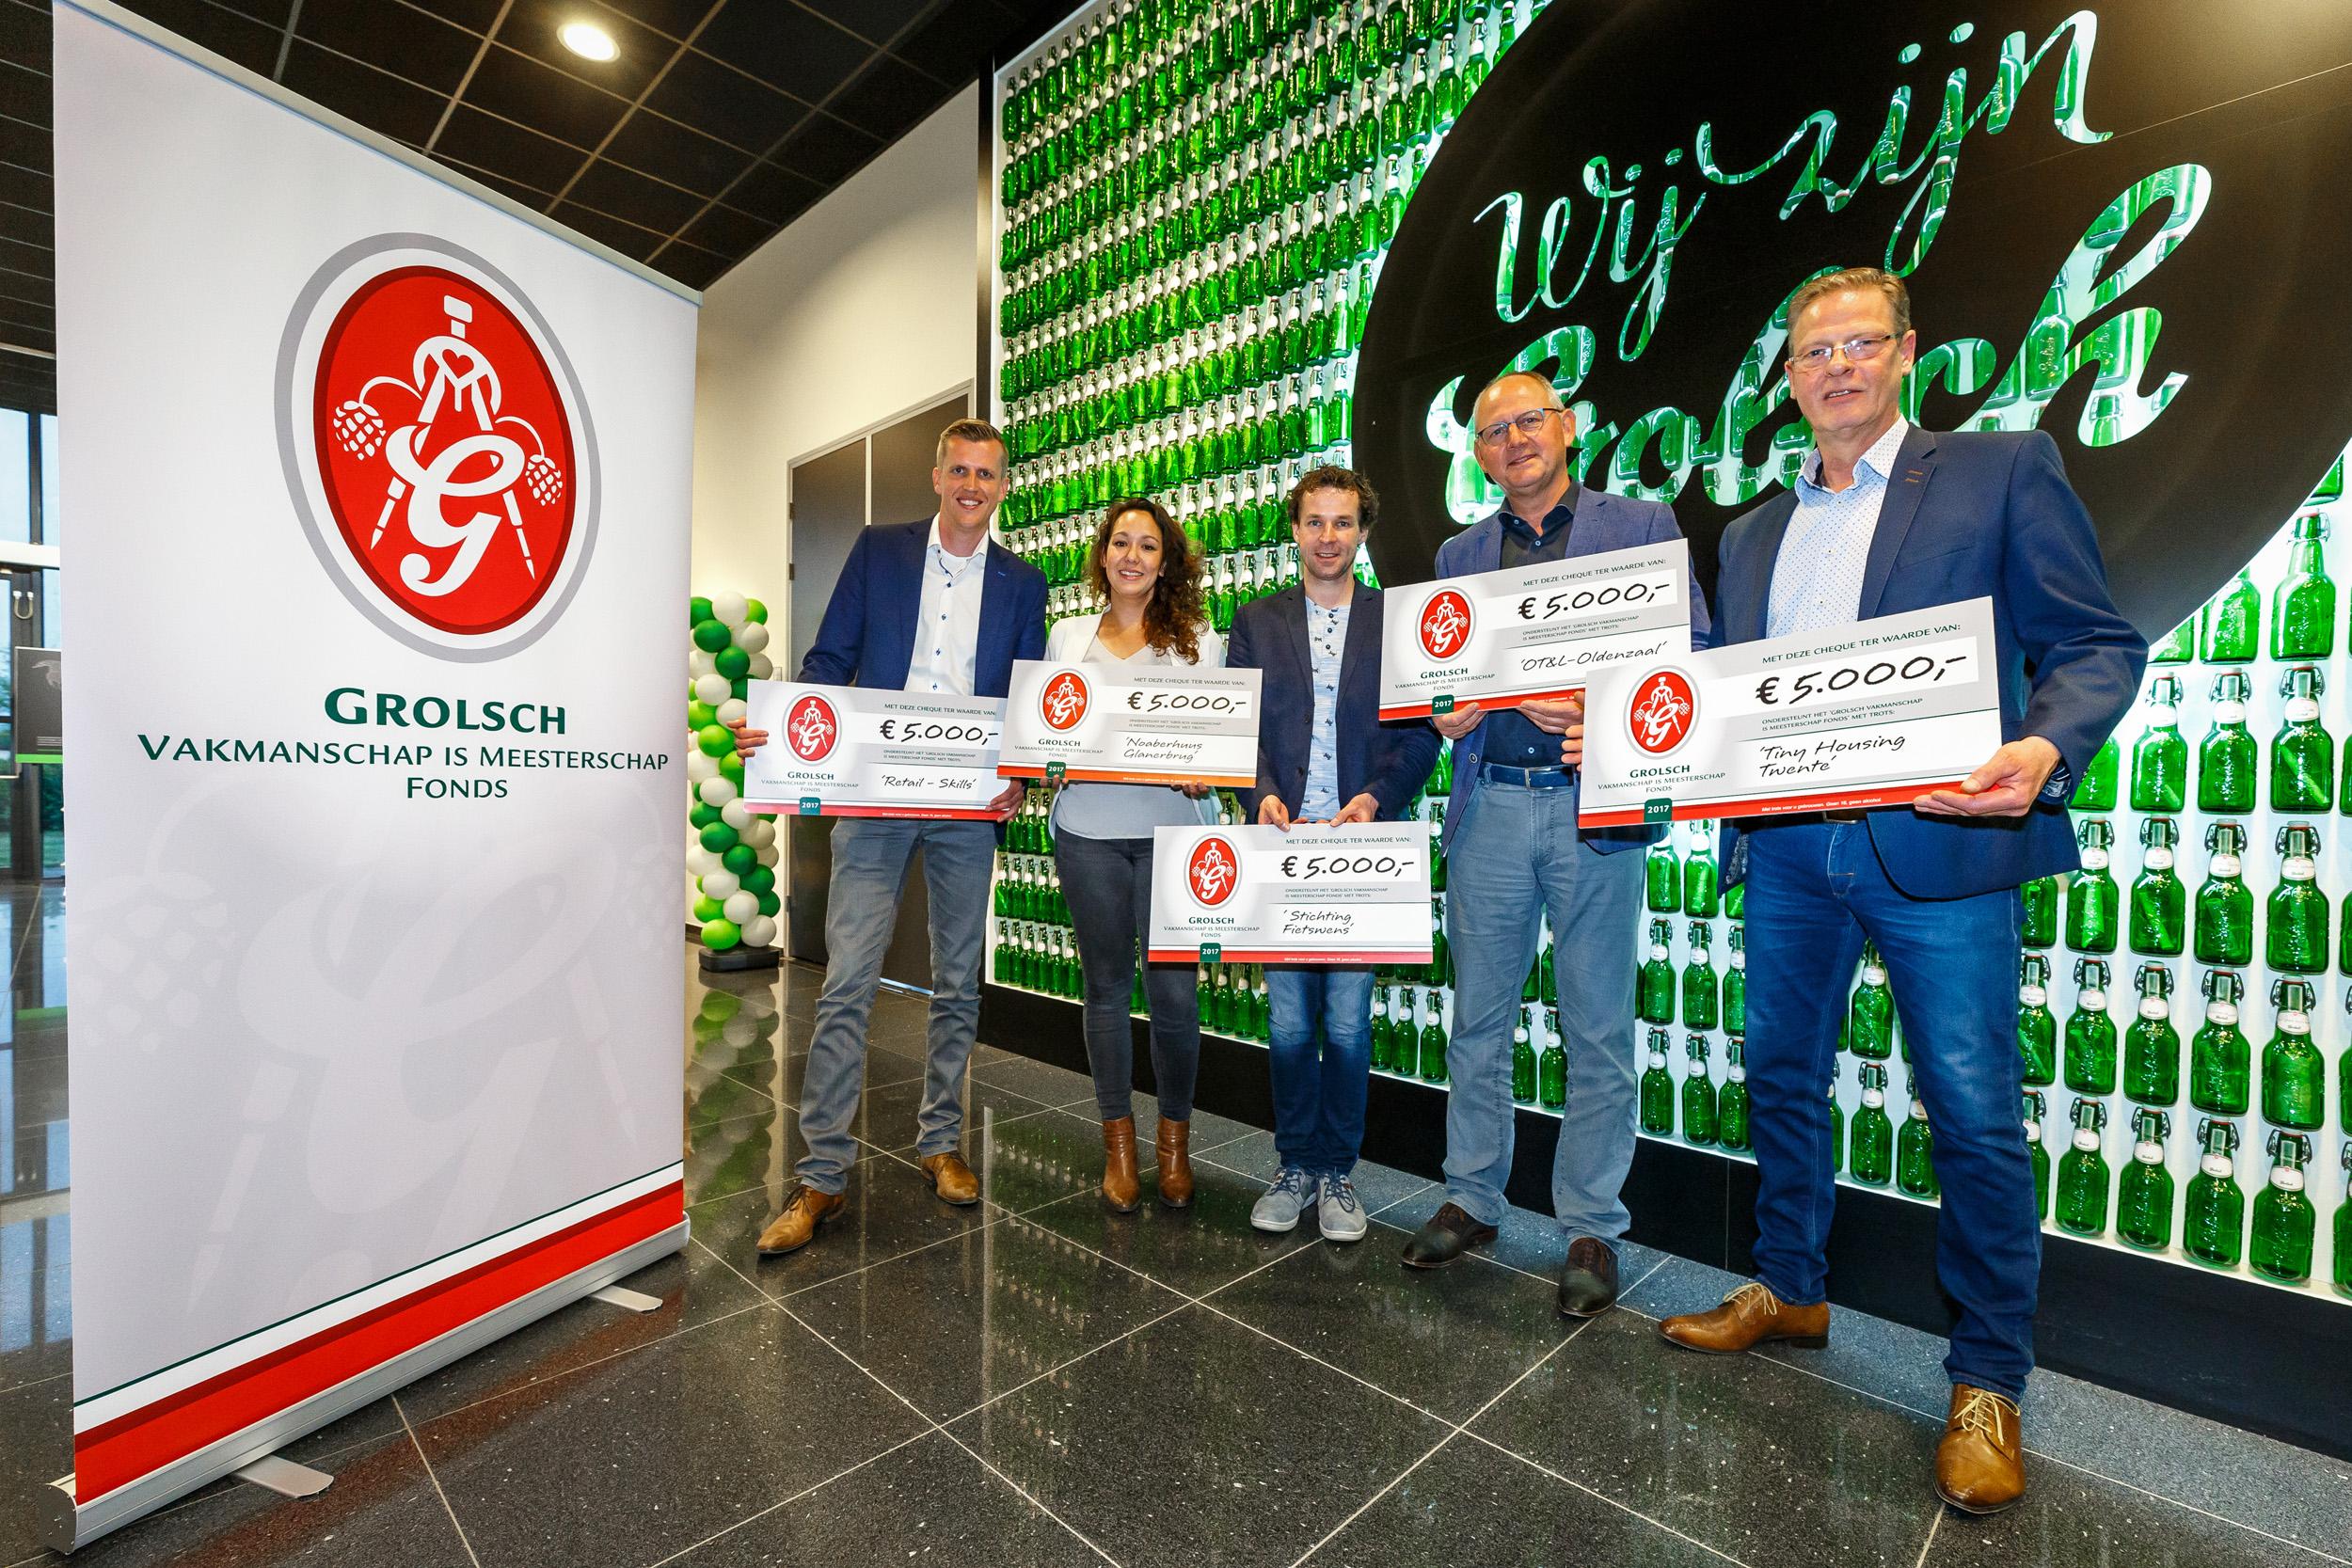 Mooie mix van sociale en economische initiatieven tijdens Grolsch Vakmanschap en Meesterschap Fonds avond